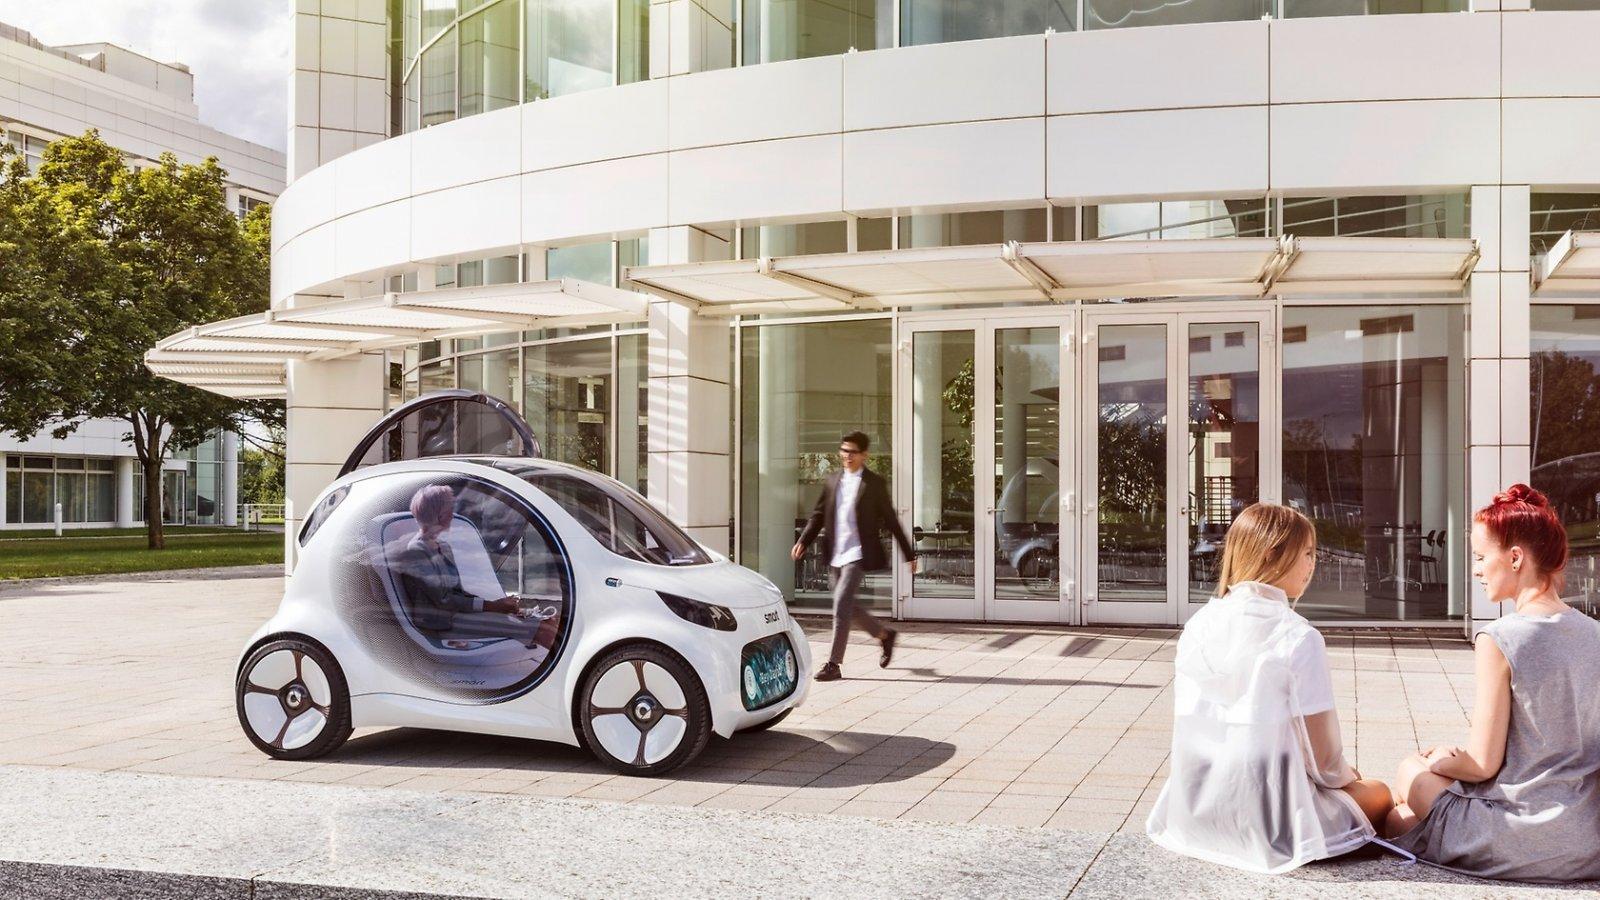 Vare sig det blir egna bilar, bildelning eller kollektivtrafik kommer mobilitet vara utsläppsfritt i framtiden.